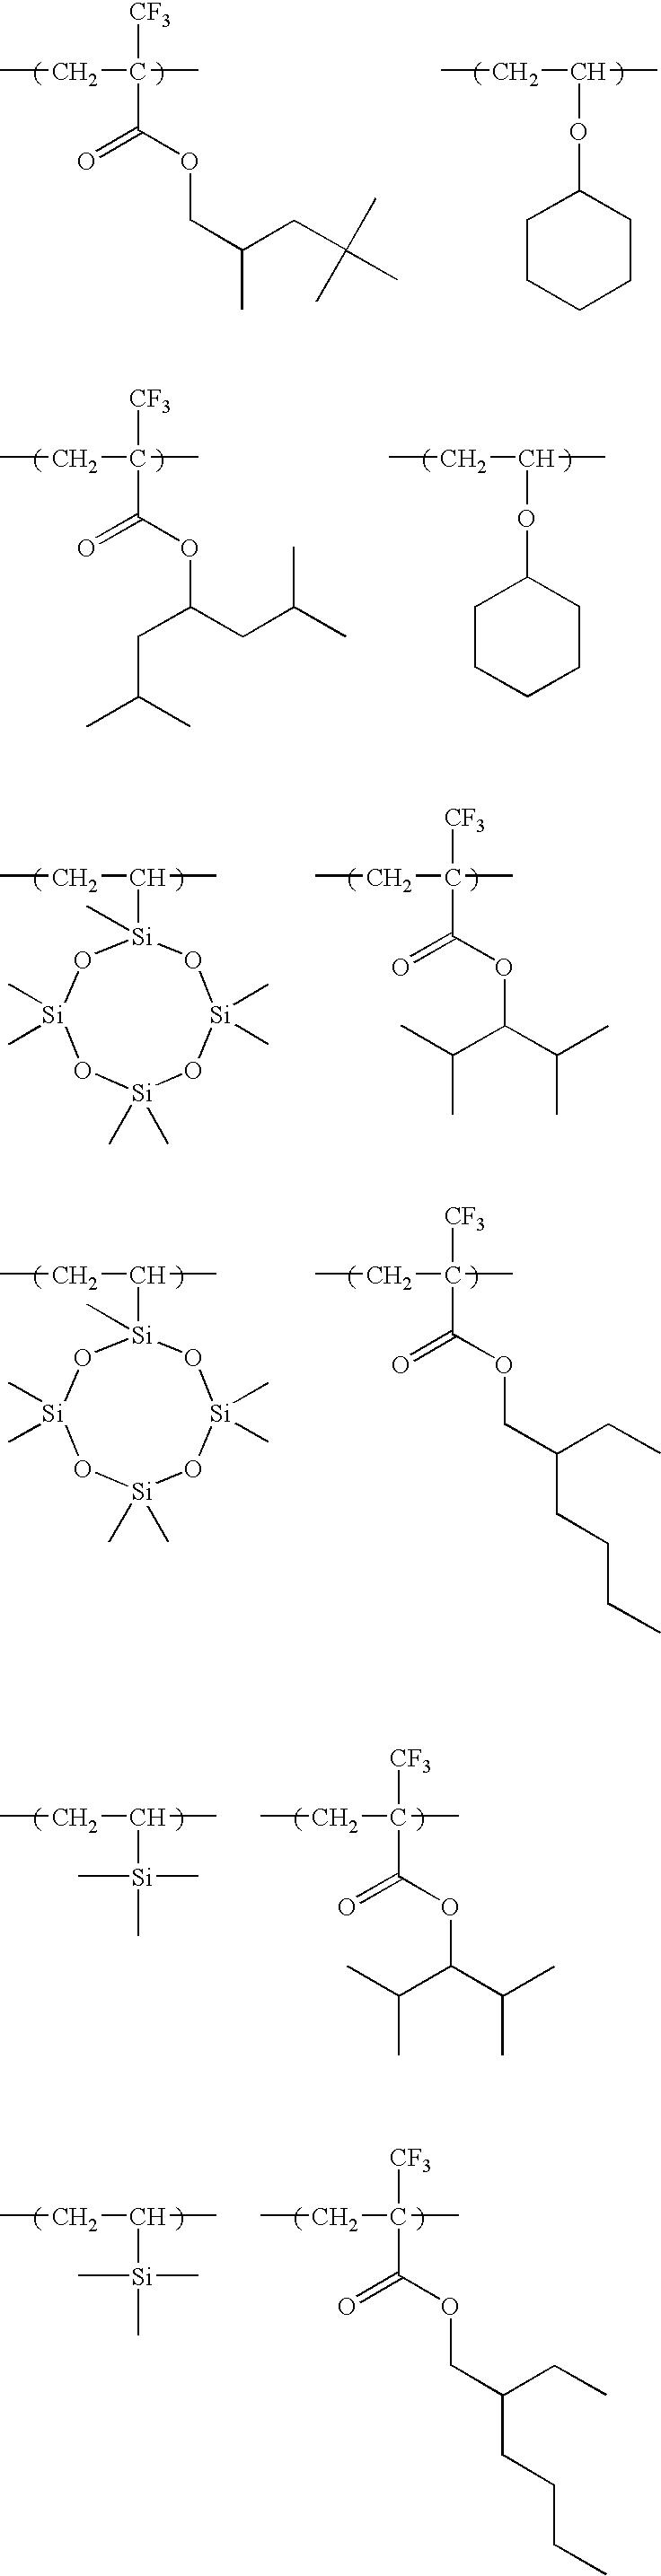 Figure US07985534-20110726-C00078